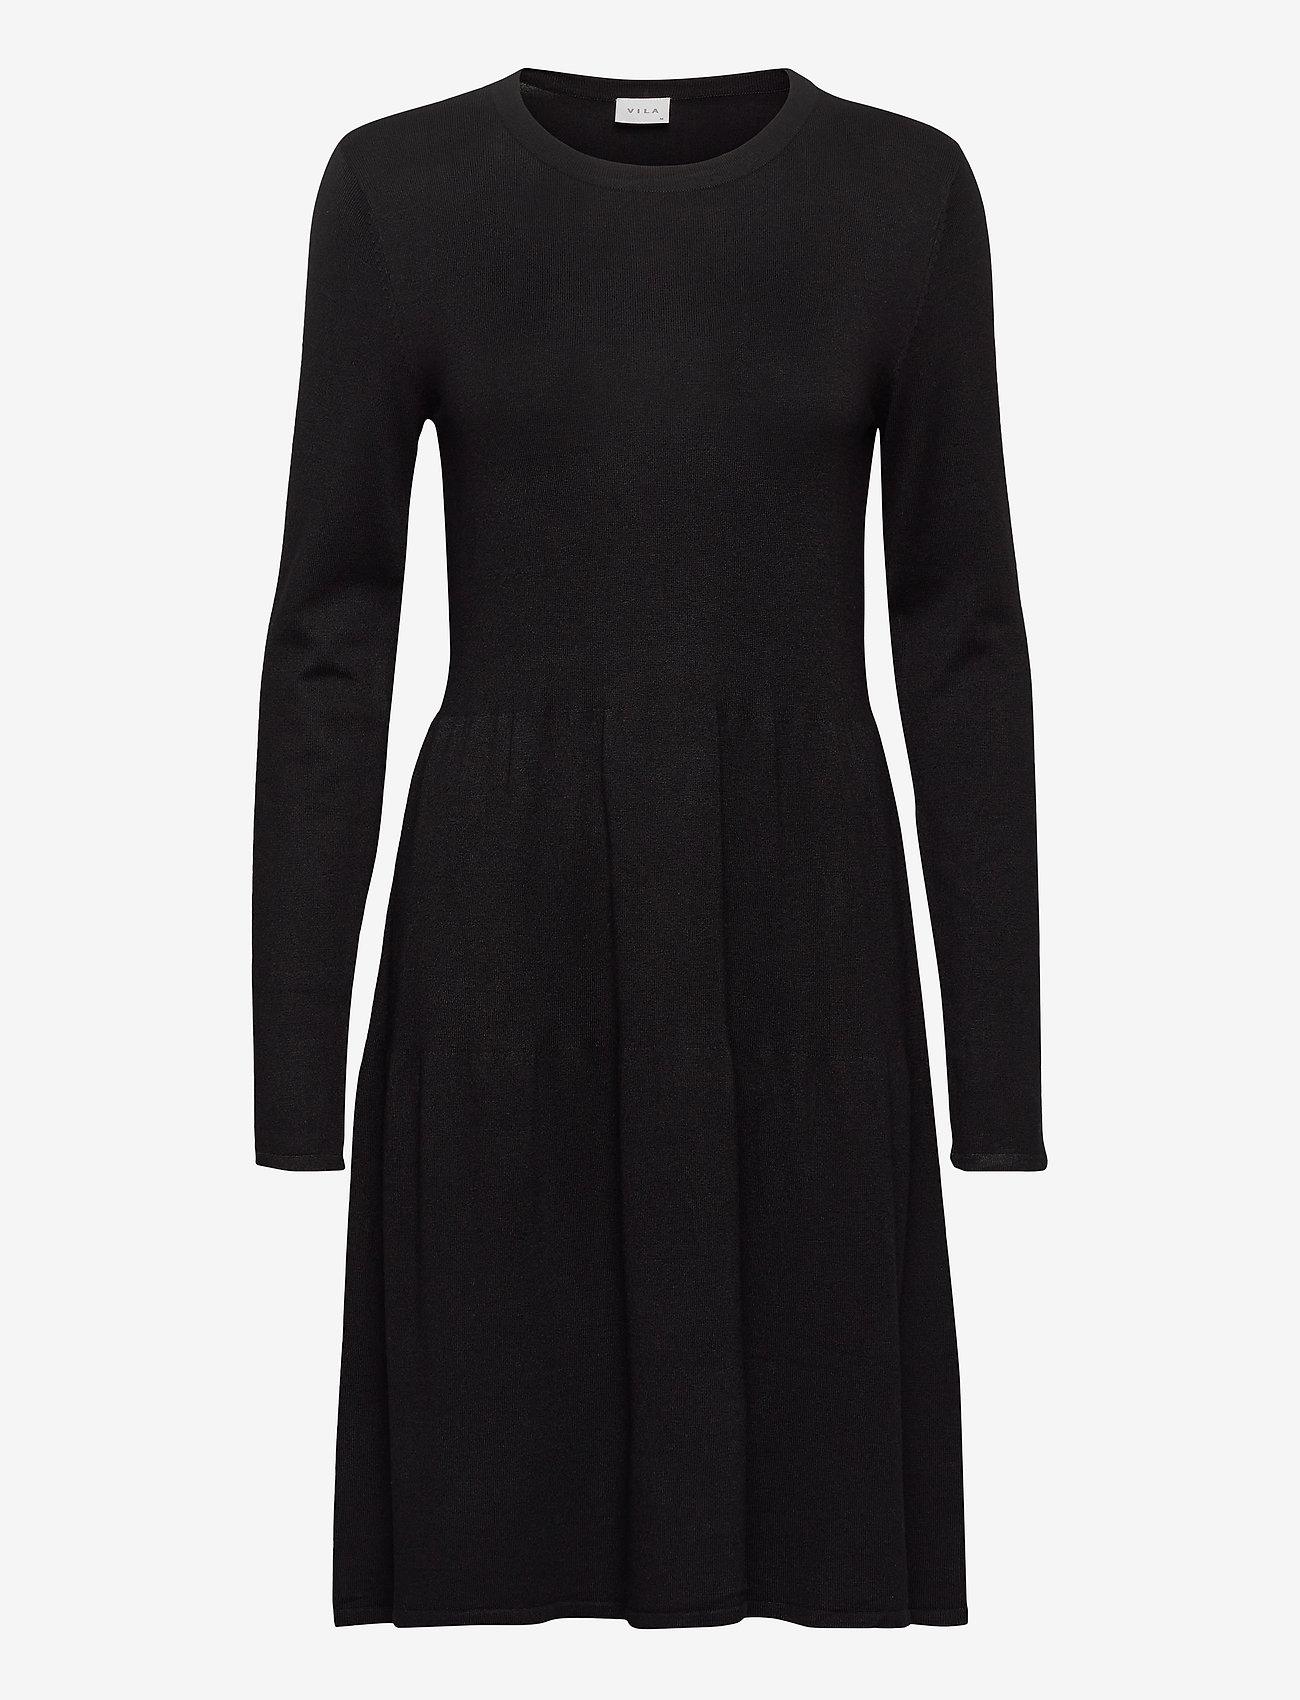 Vila - VIBOLONSIA KNIT L/S DRESS TB - midi dresses - black - 0